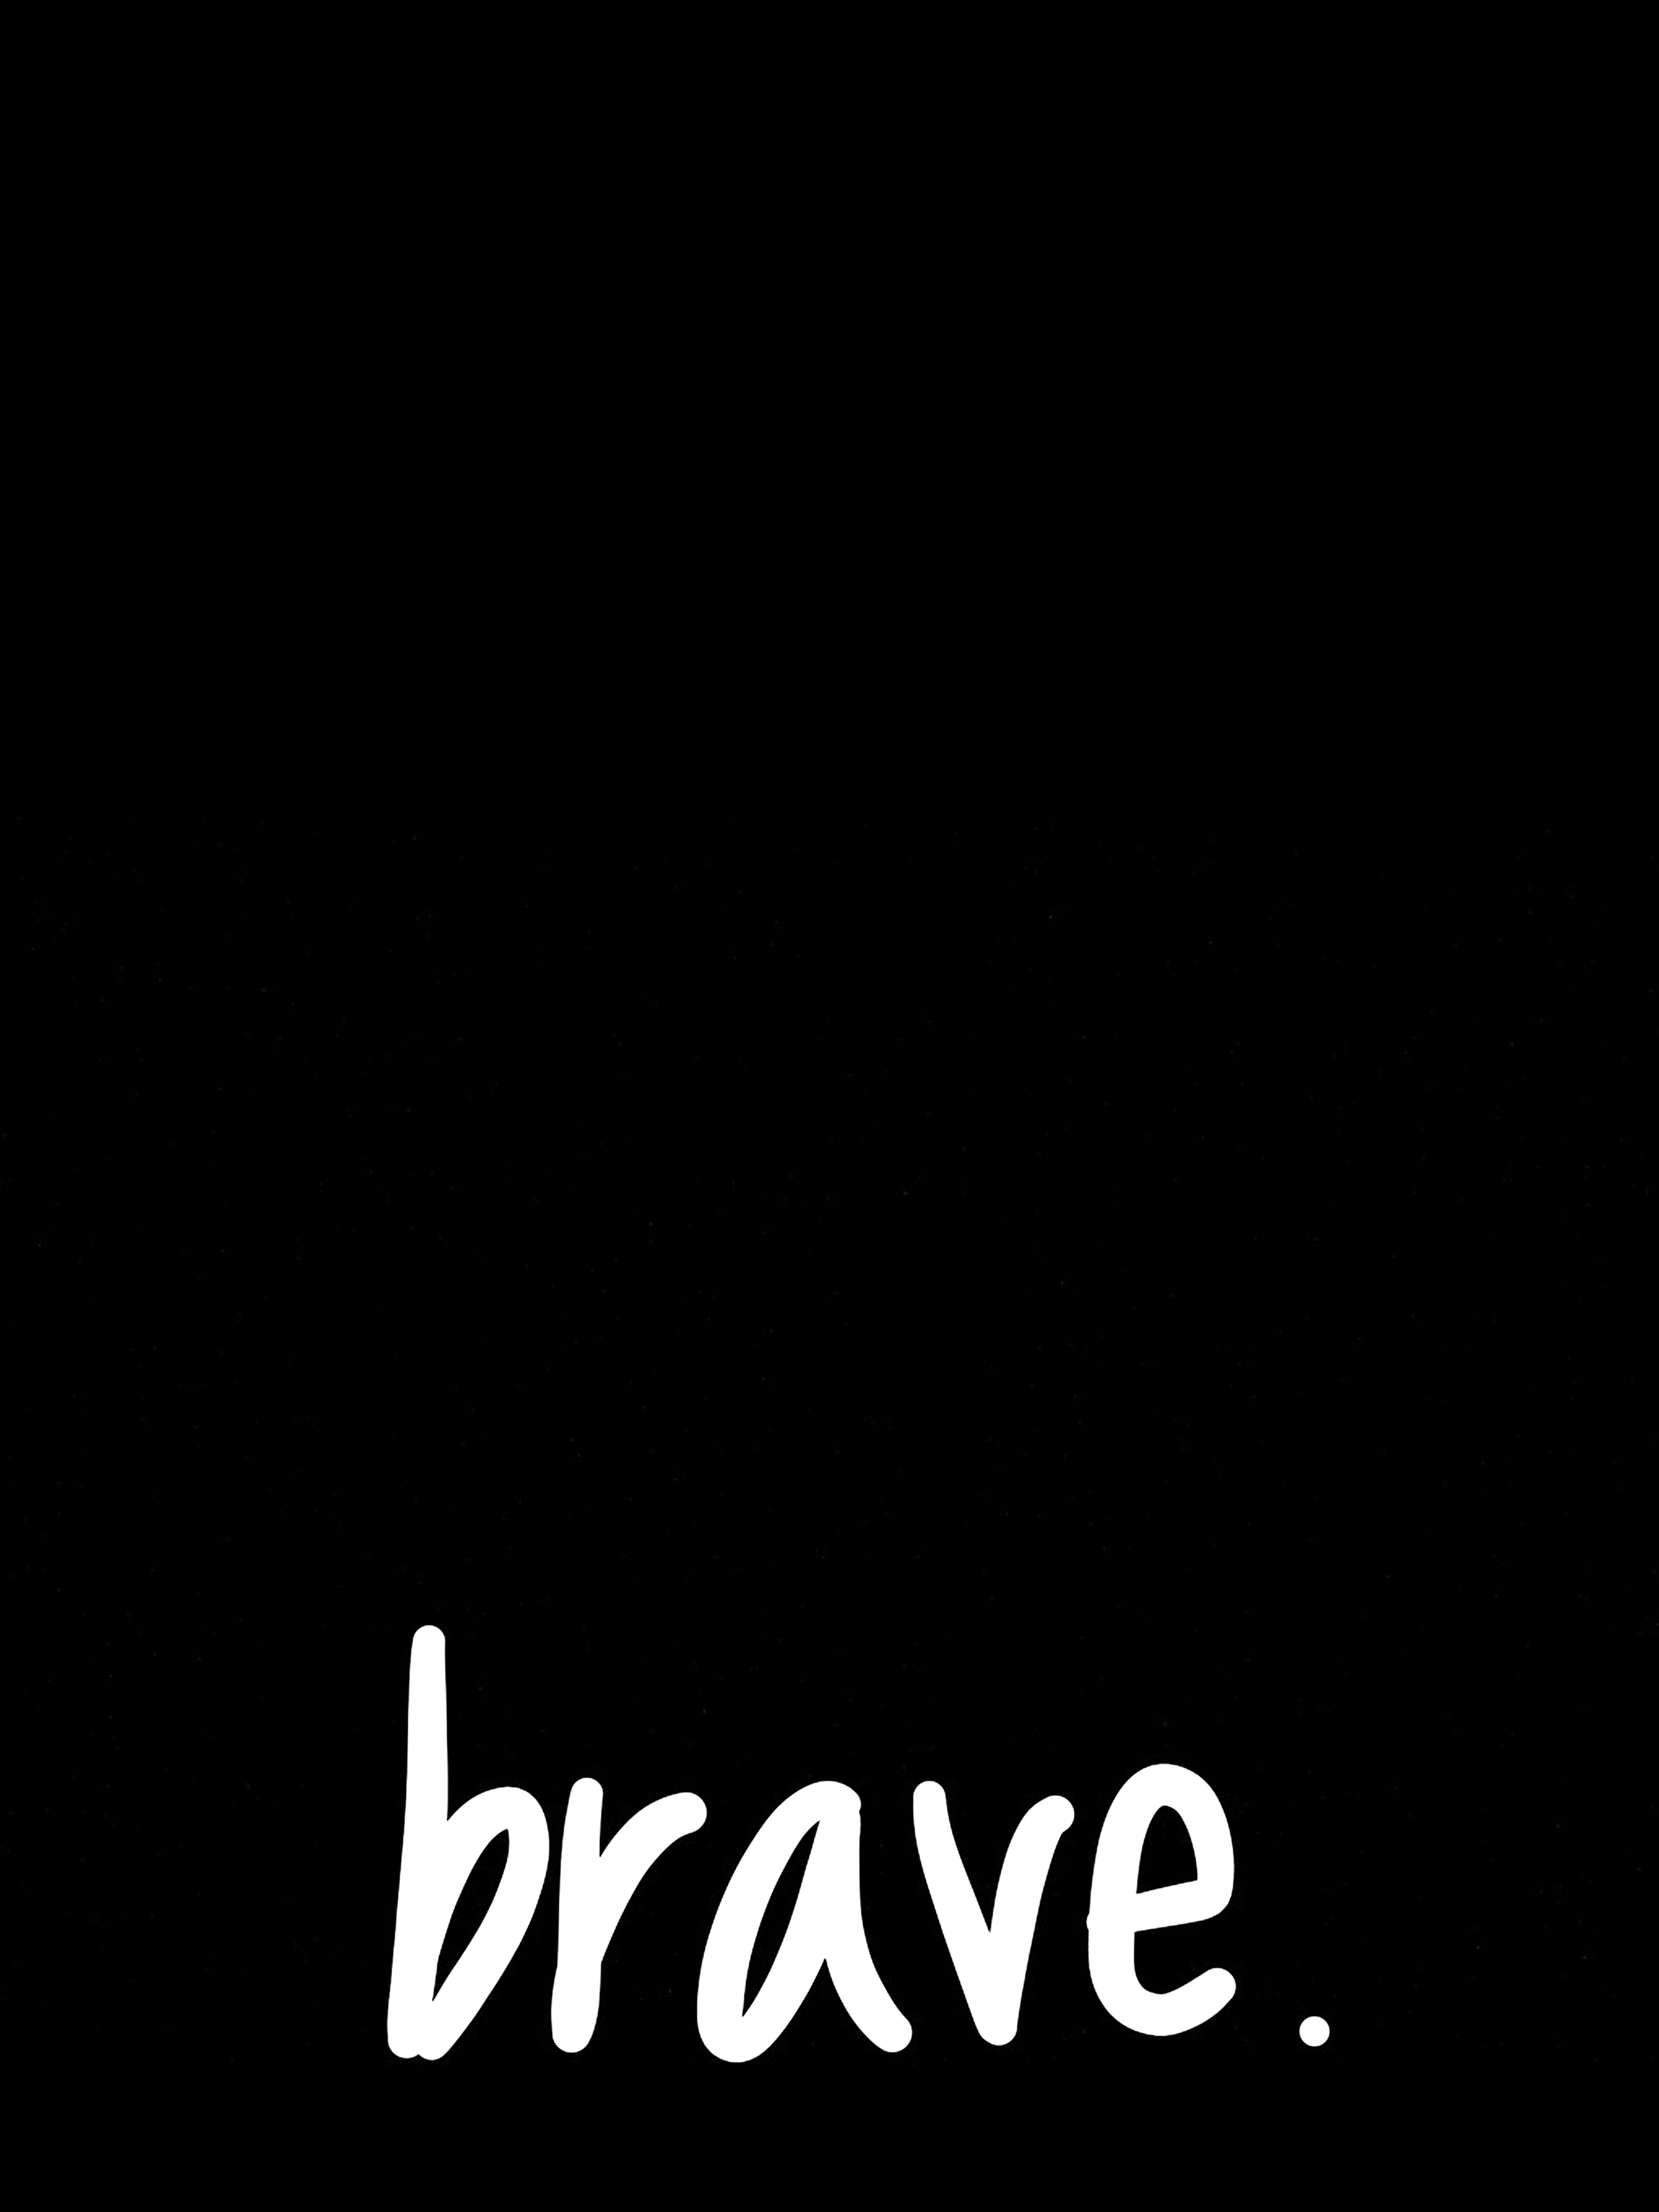 brave.poster jpeg copy 2